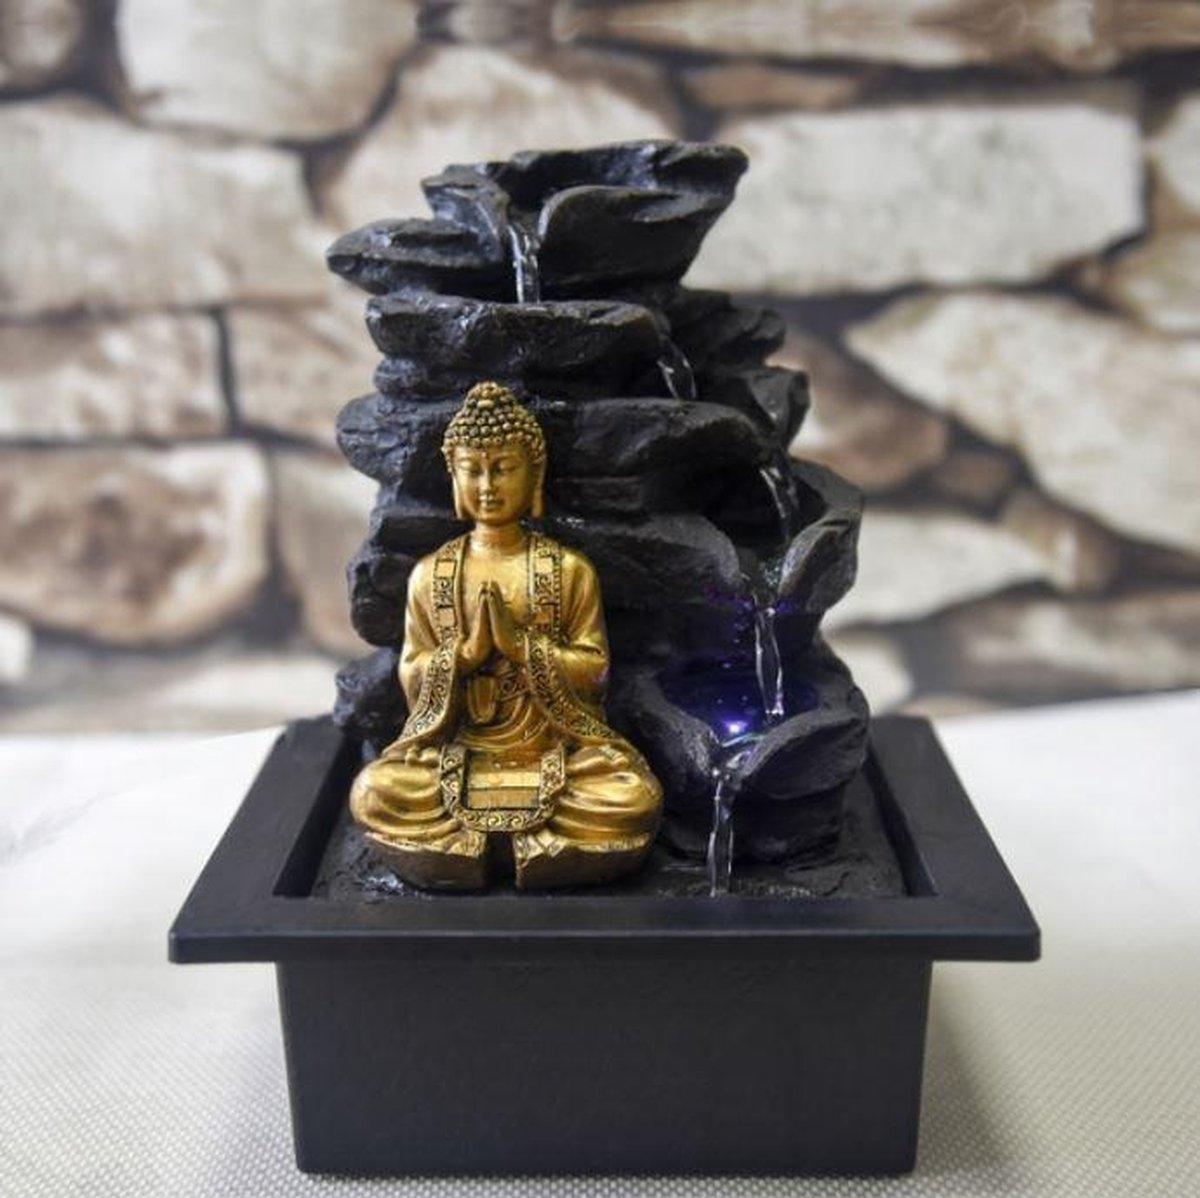 Boeddha Shira - fontein -interieur - fontein voor binnen - relaxeer - zen - waterornament - cadeau - geschenk - relatiegeschenk - origineel - lente - zomer - lentecollectie - zomercollectie - afkoeling - koelte